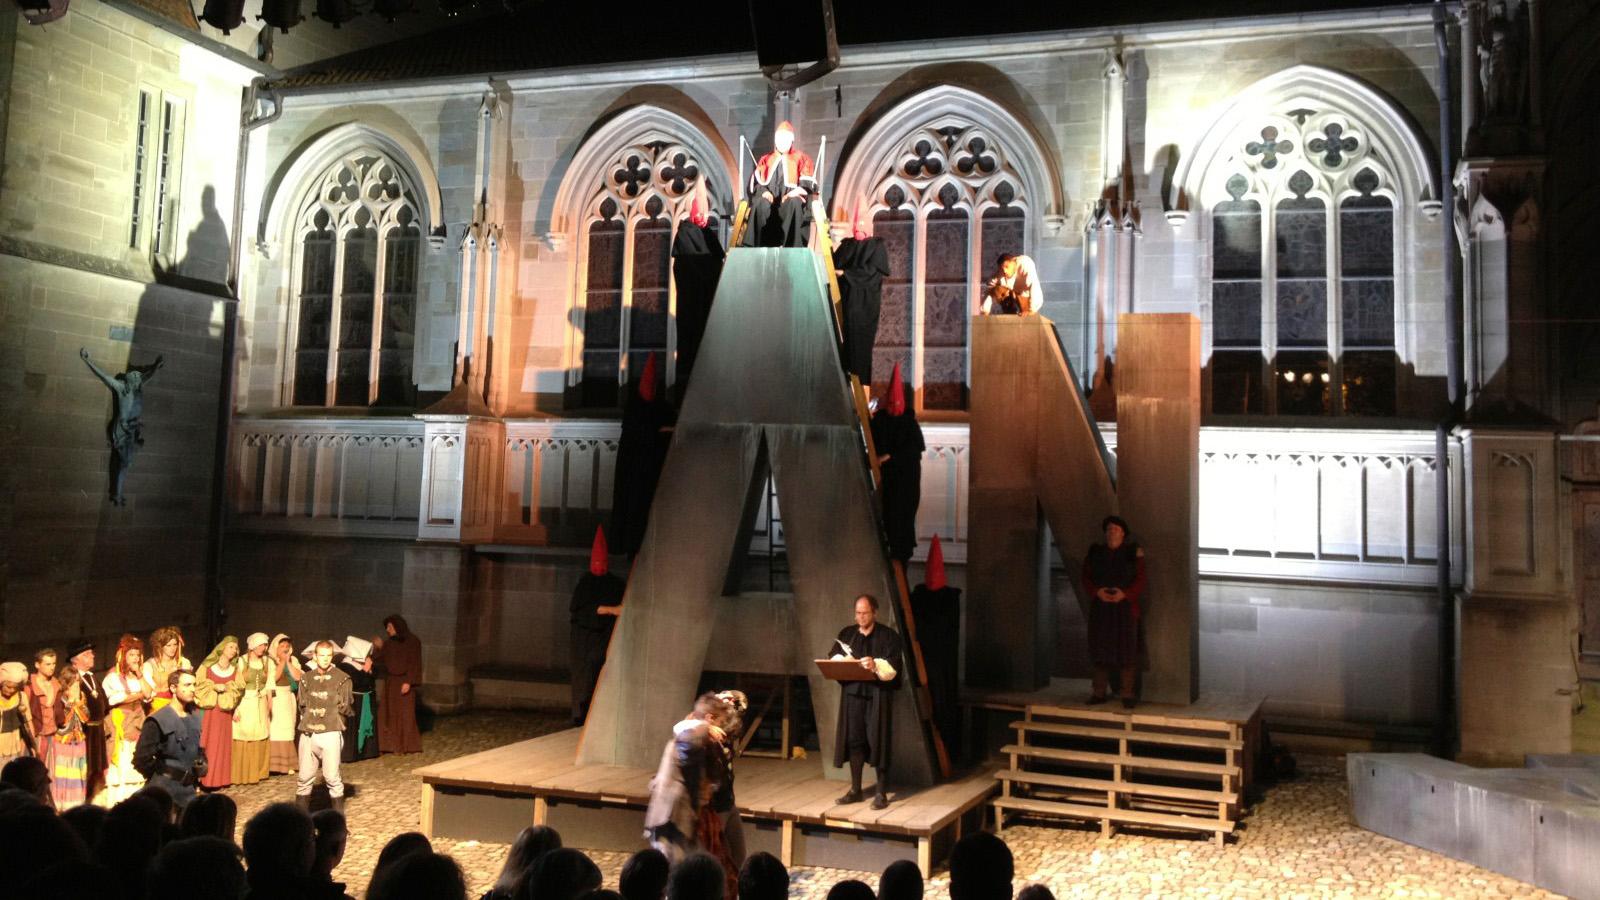 Freilichtbühne am Münster mit Open-Air Theateraufführung - Fewo Roos Konstanz